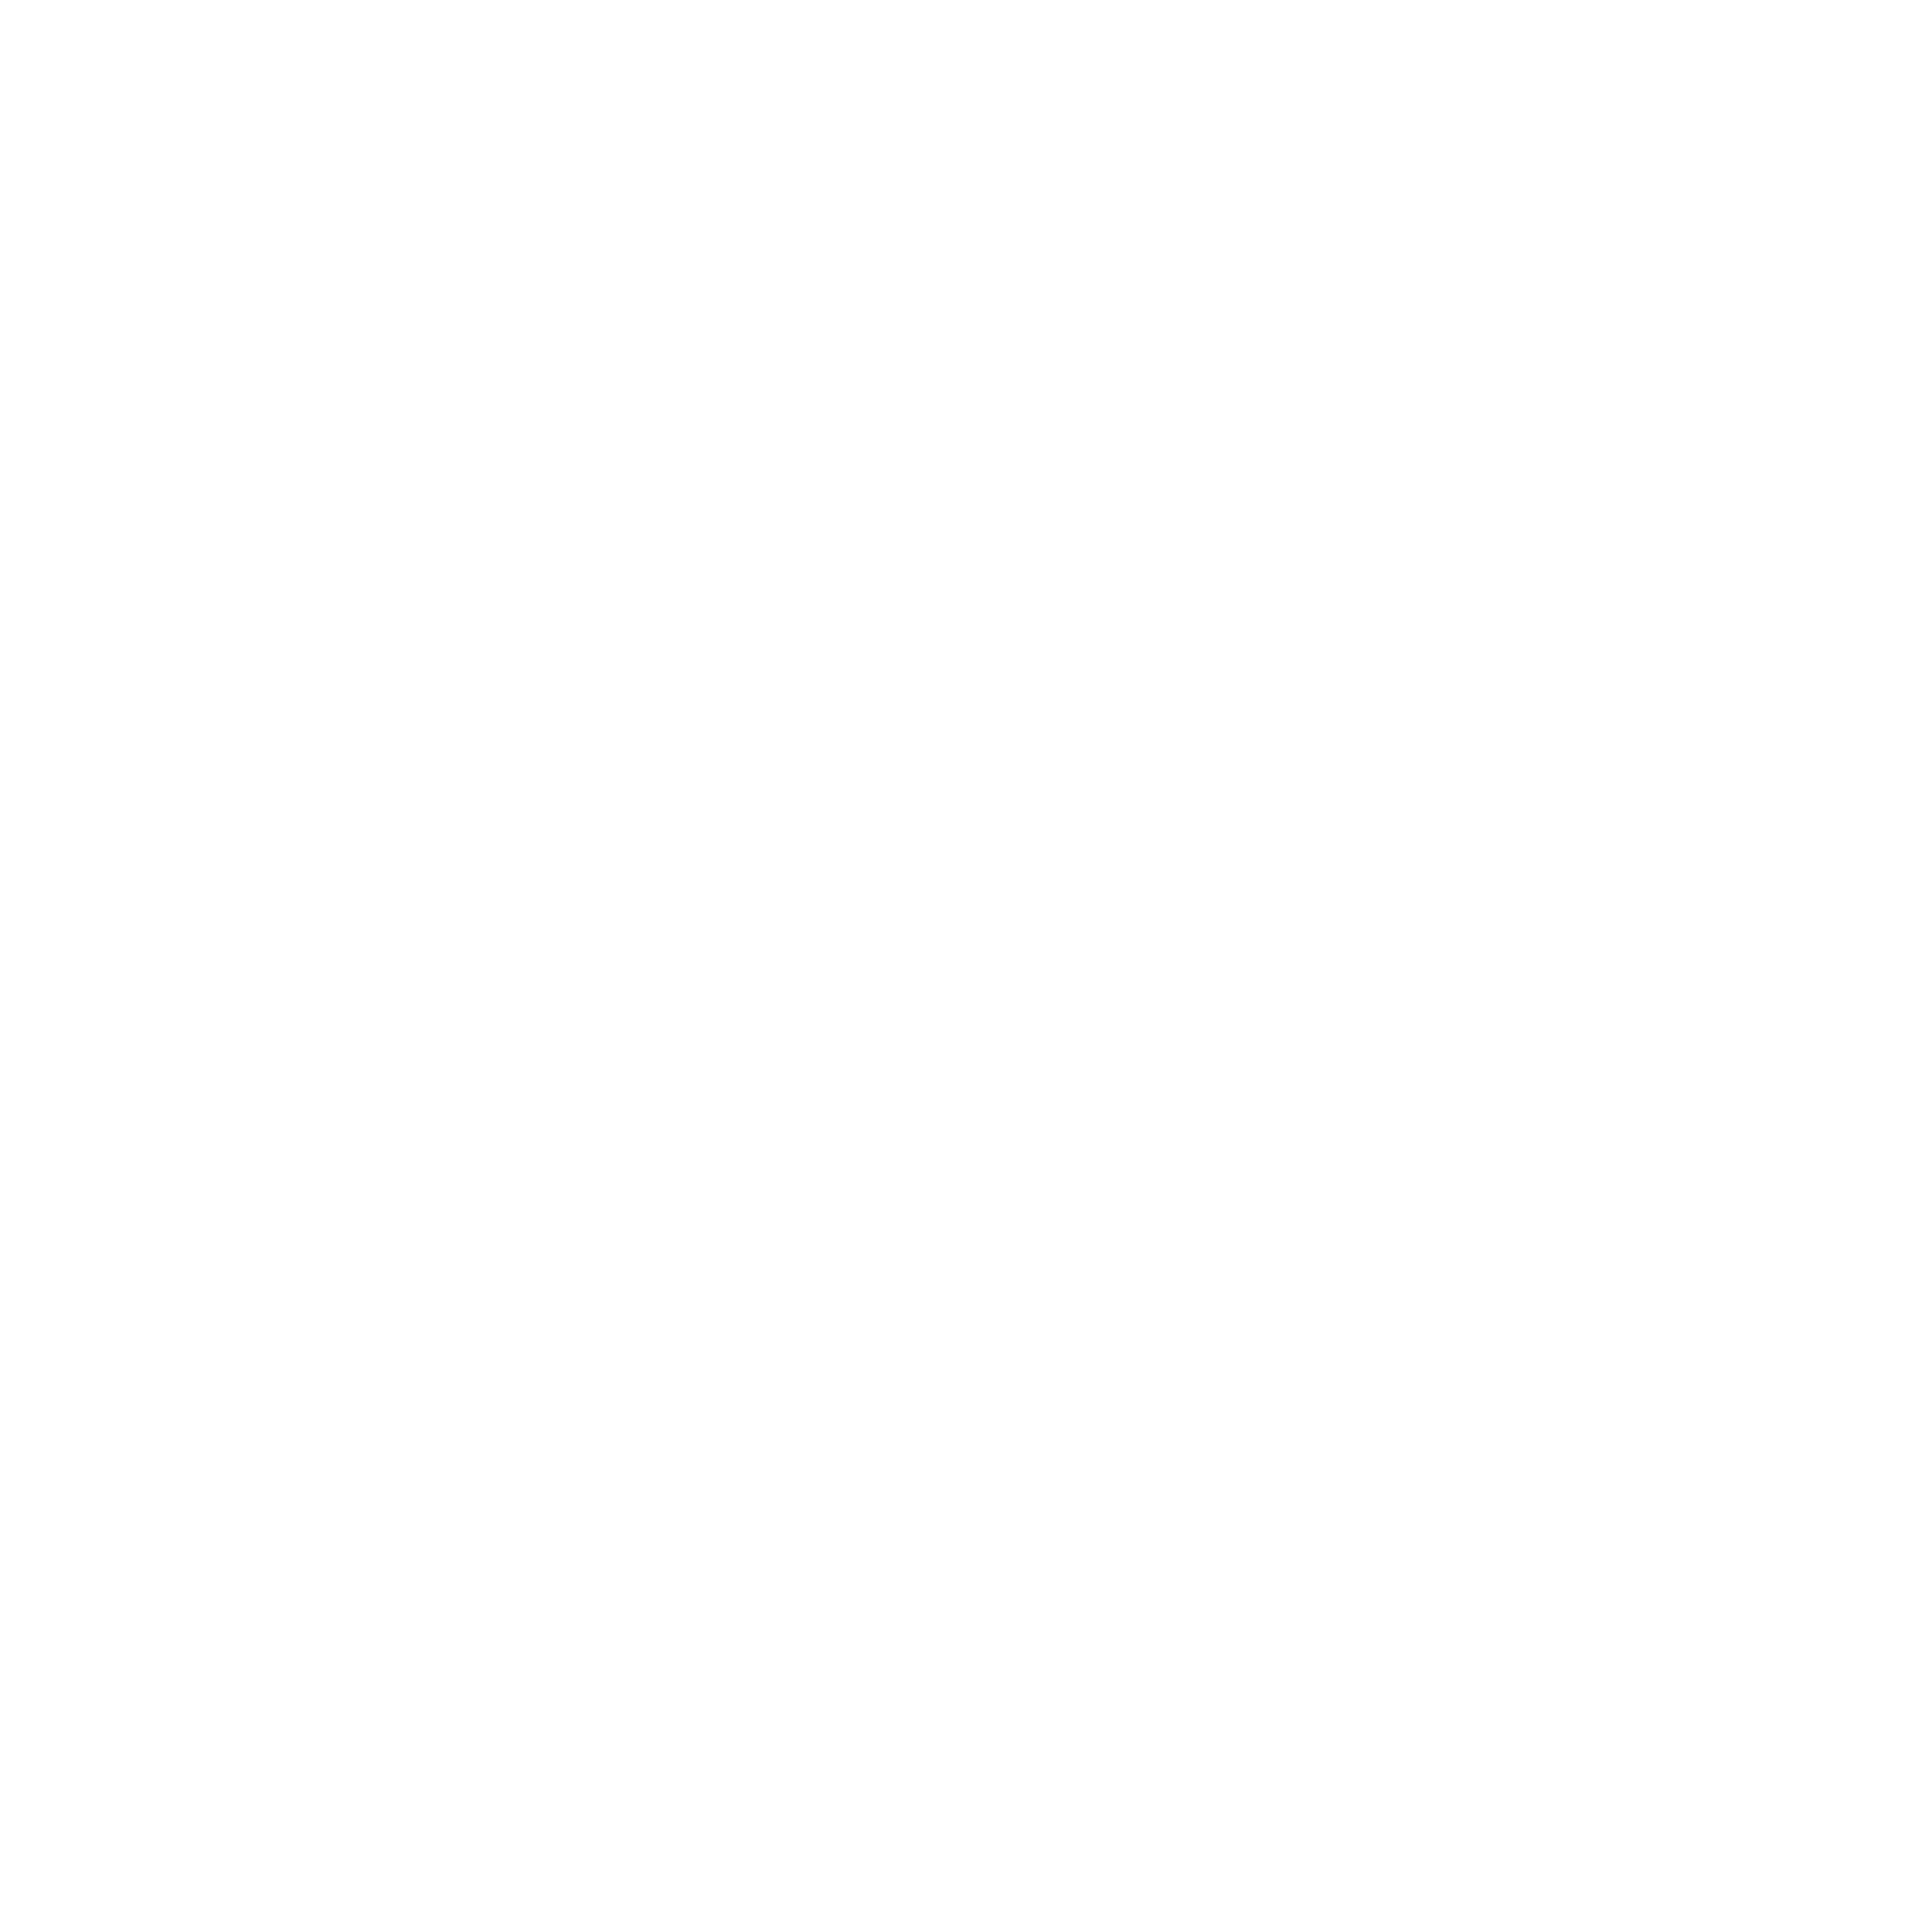 whiskey-01